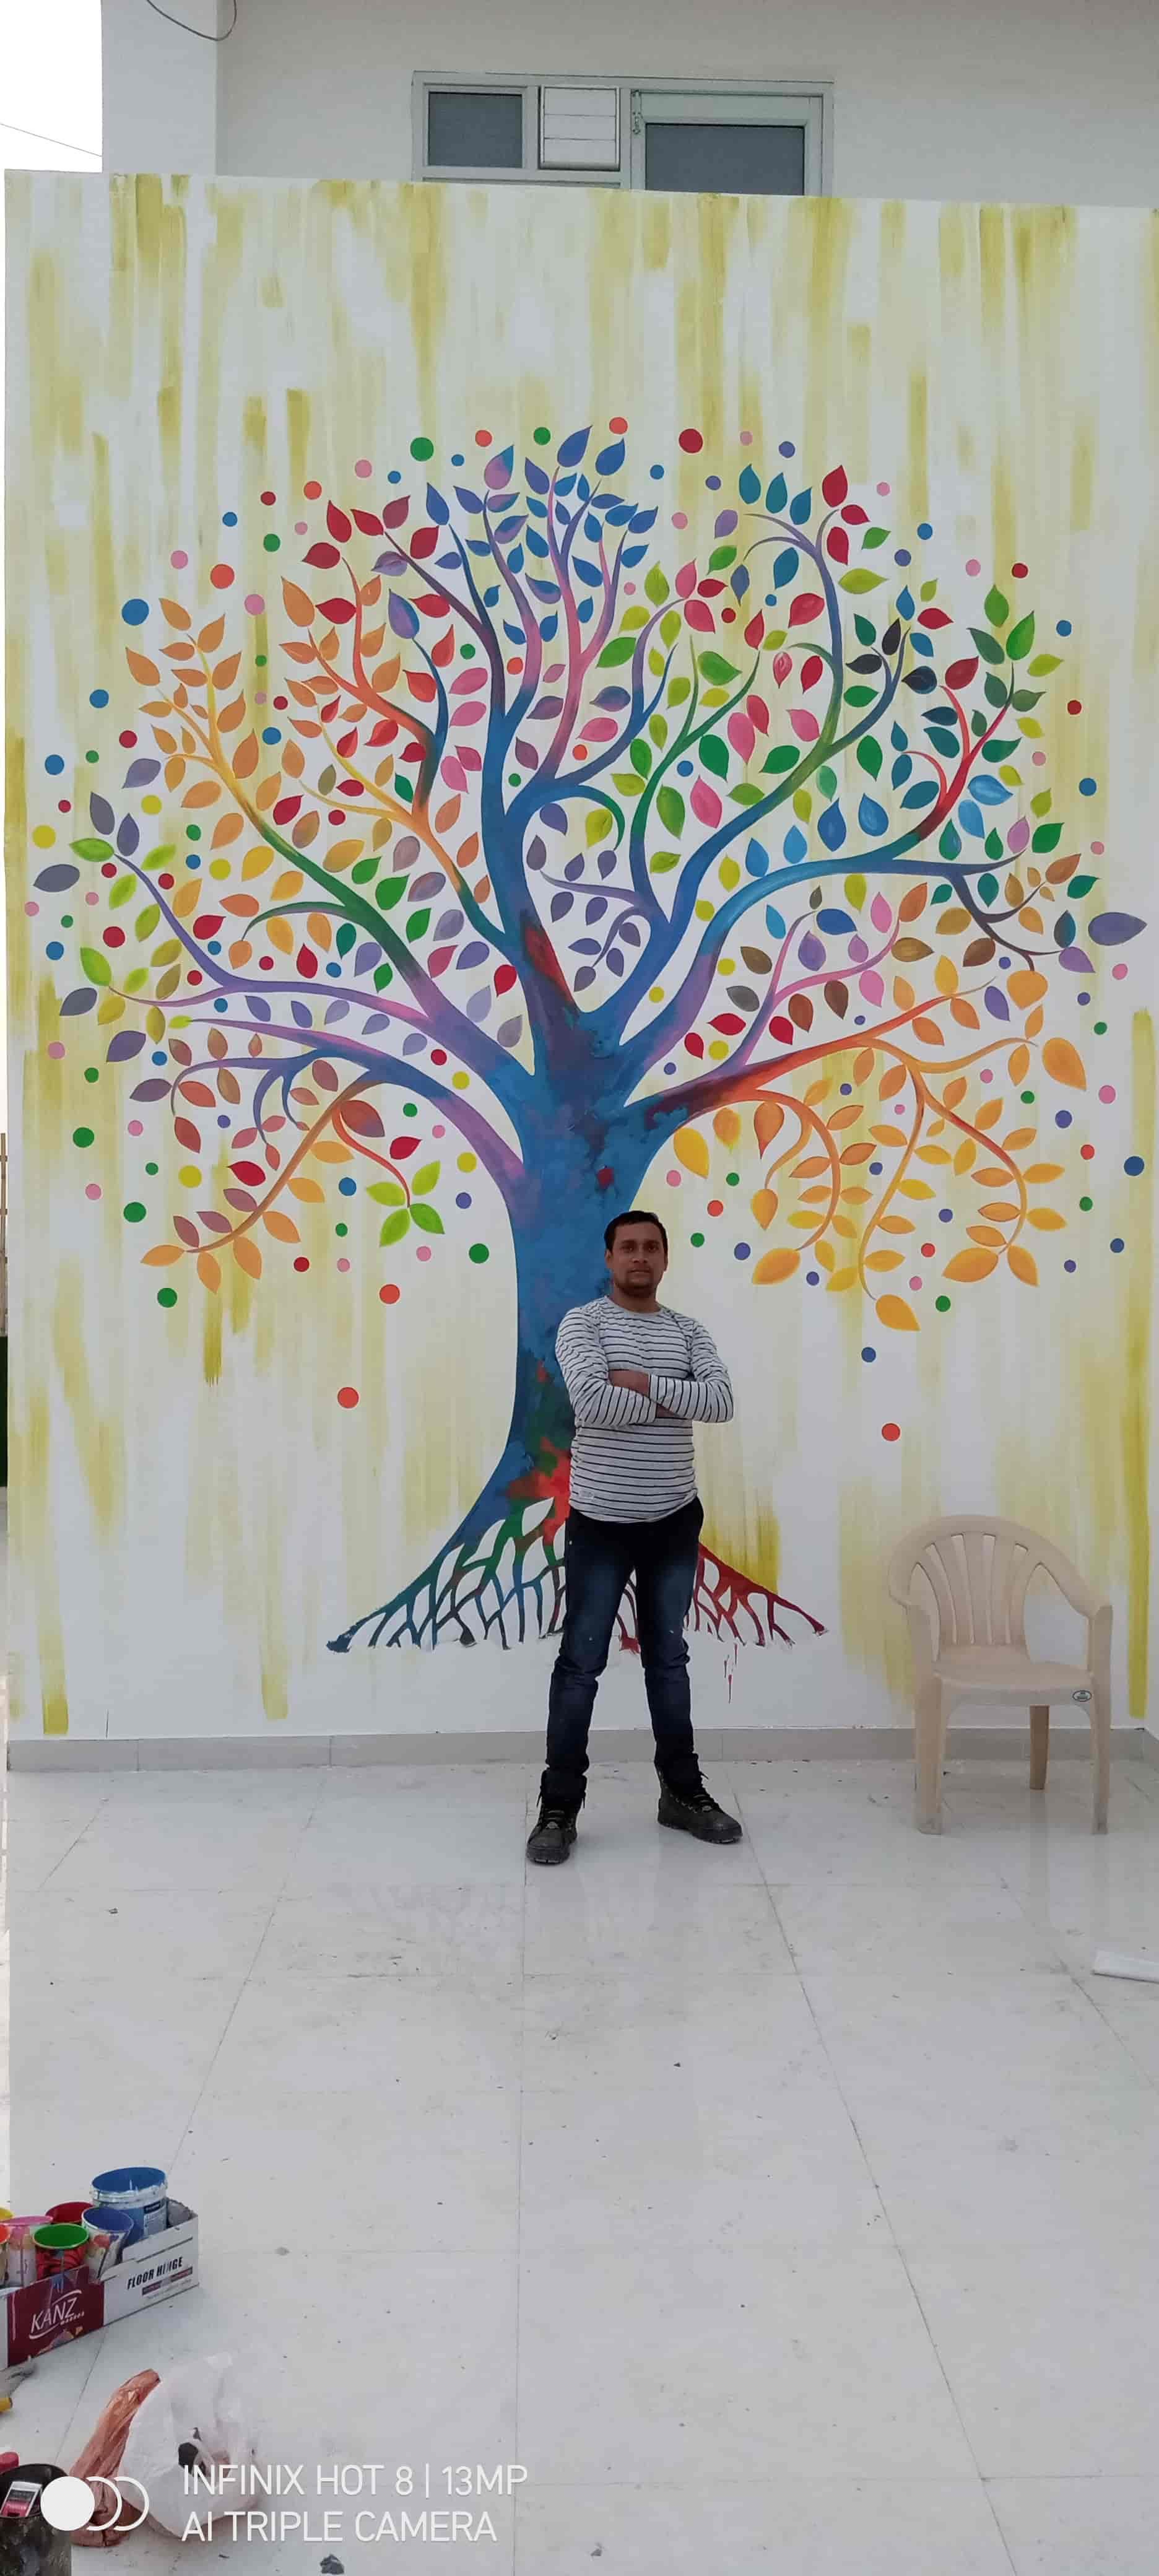 Painter Heera Noida Graffiti Artists In Noida Delhi